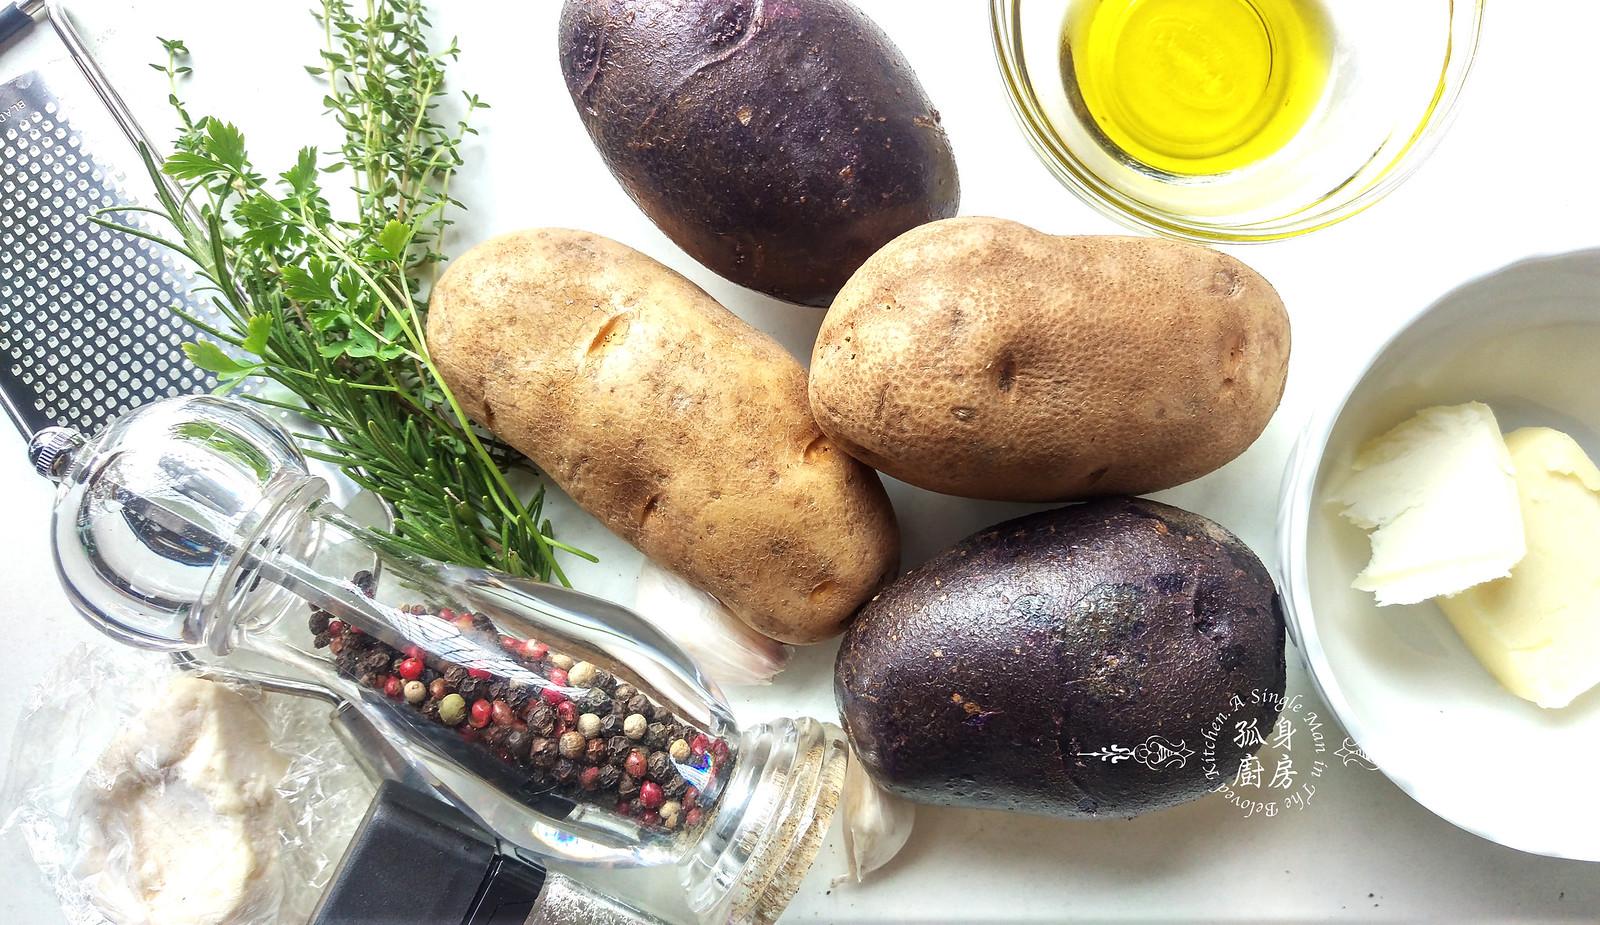 孤身廚房-香草烤雙色馬鈴薯──好吃又簡單的烤箱料理3